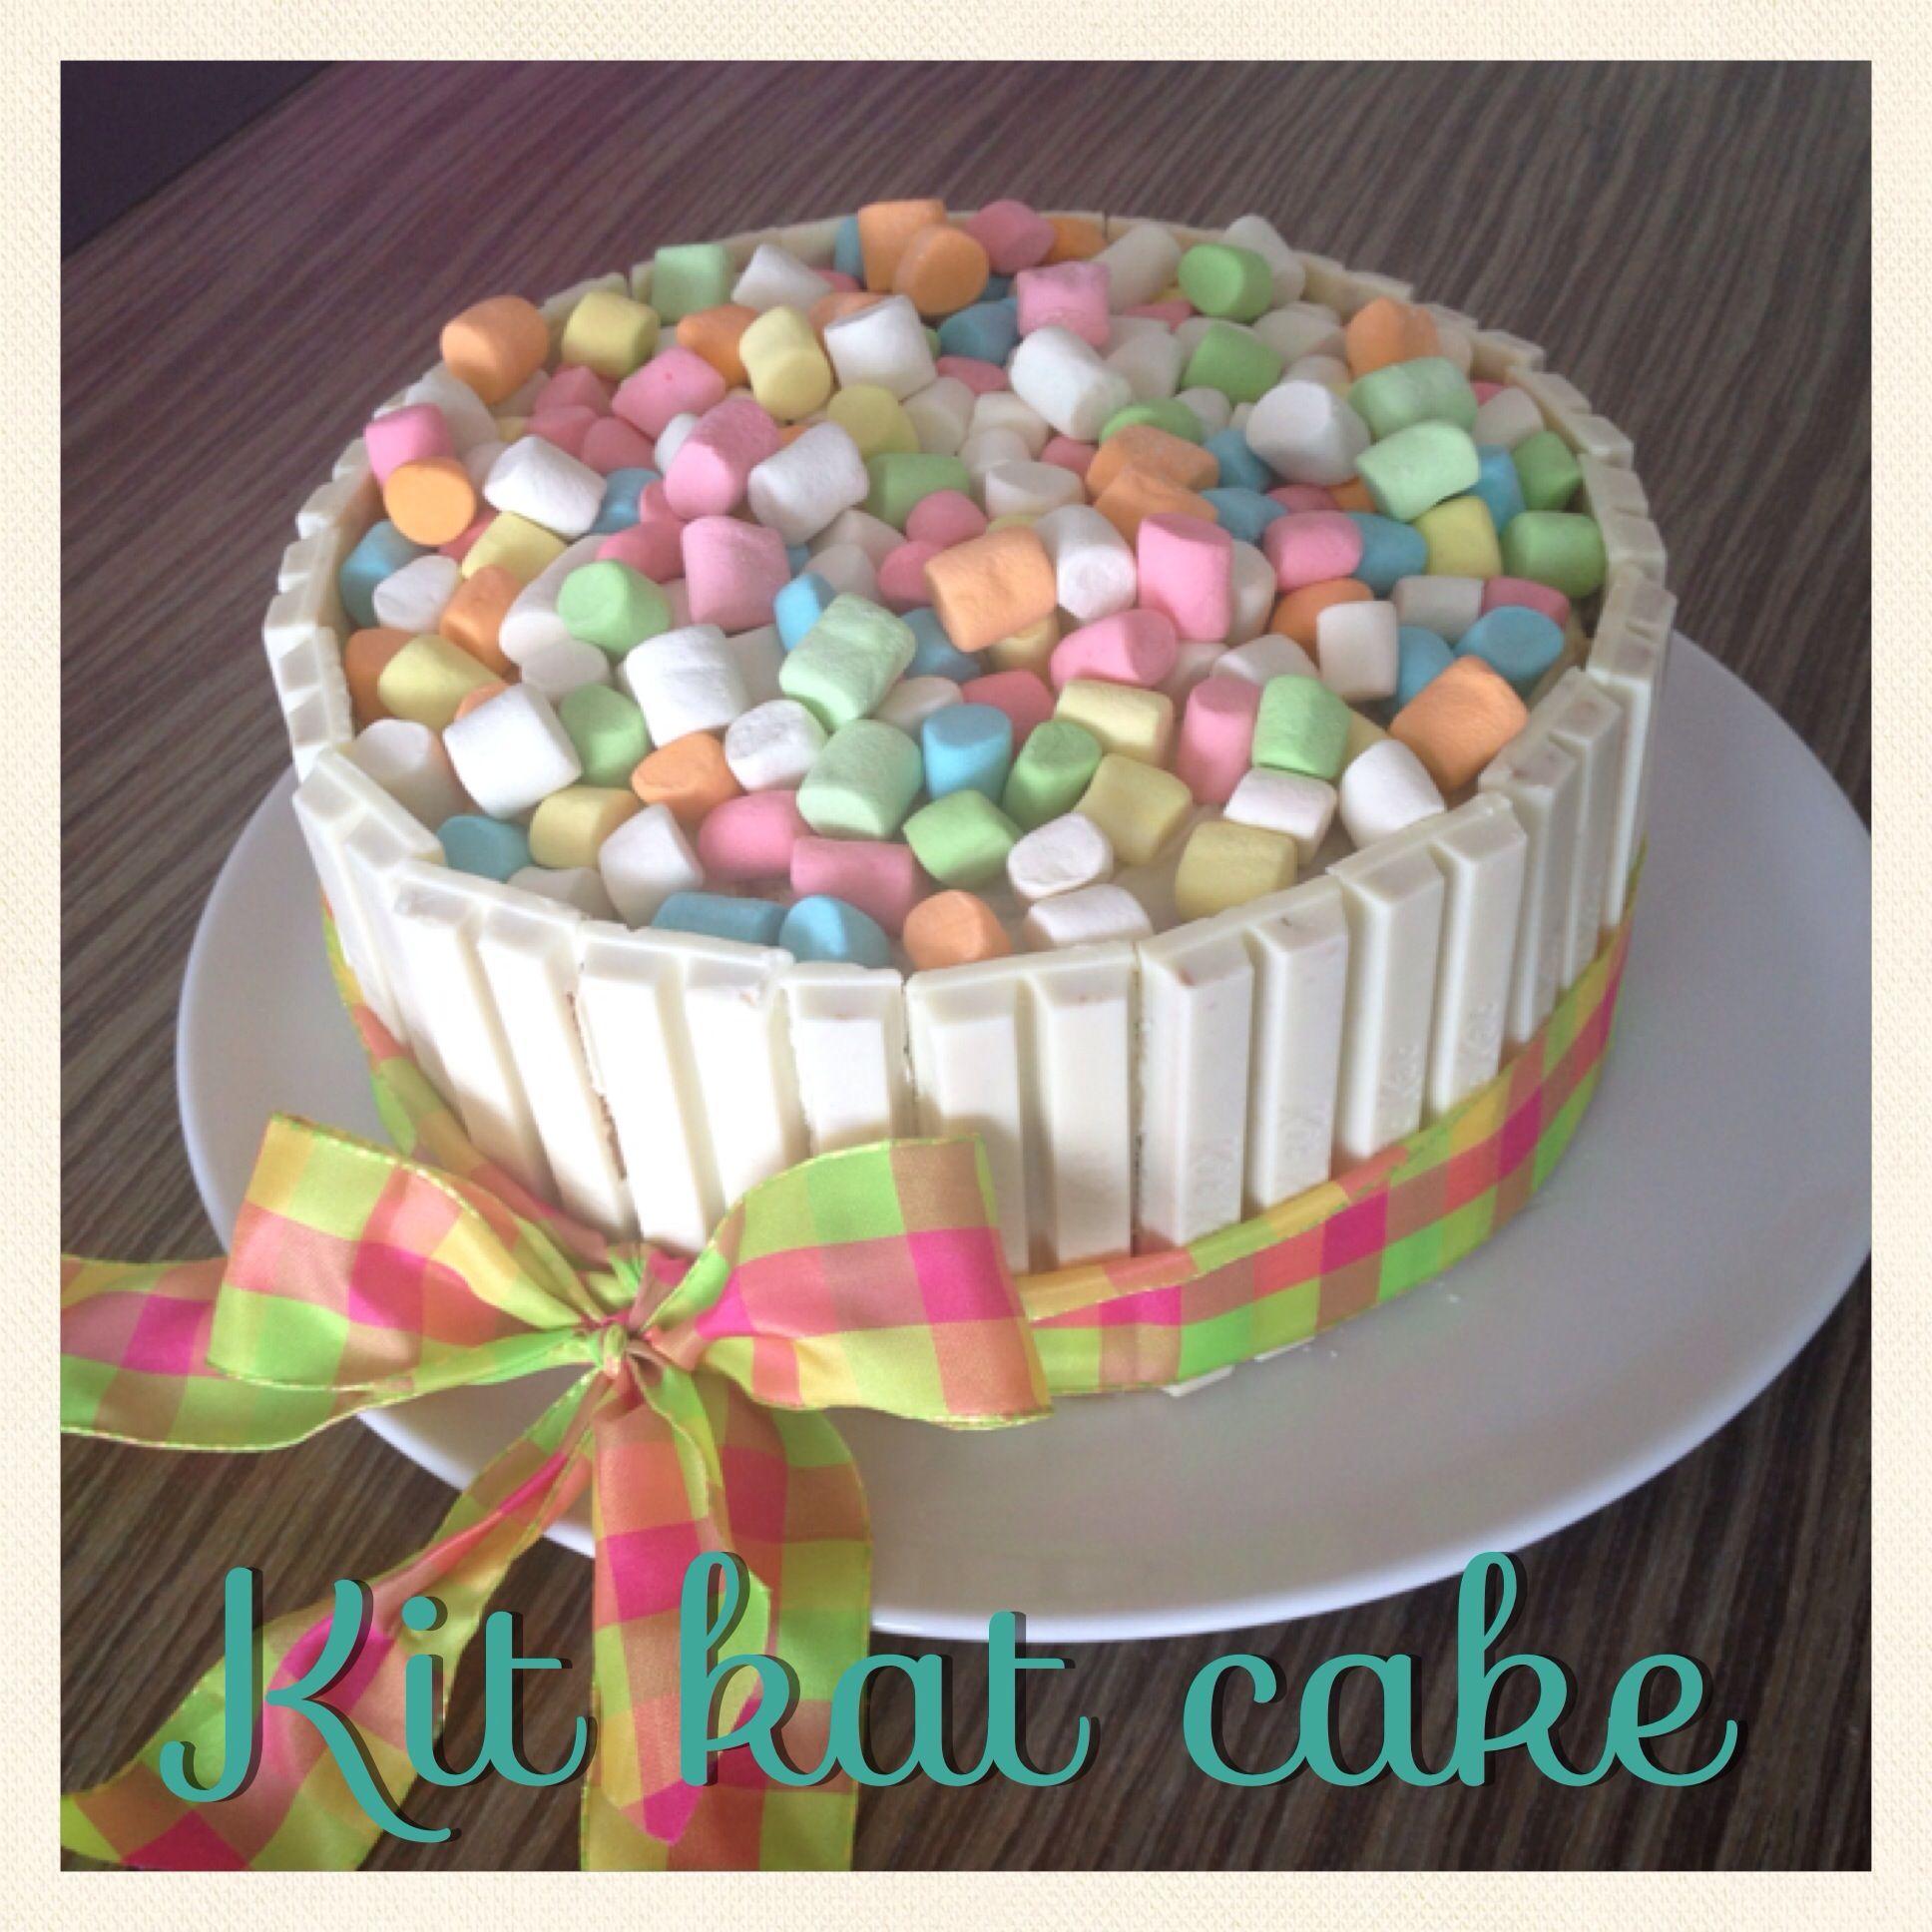 white kitkat cake with marshmallows www ritaypunto me kiddies